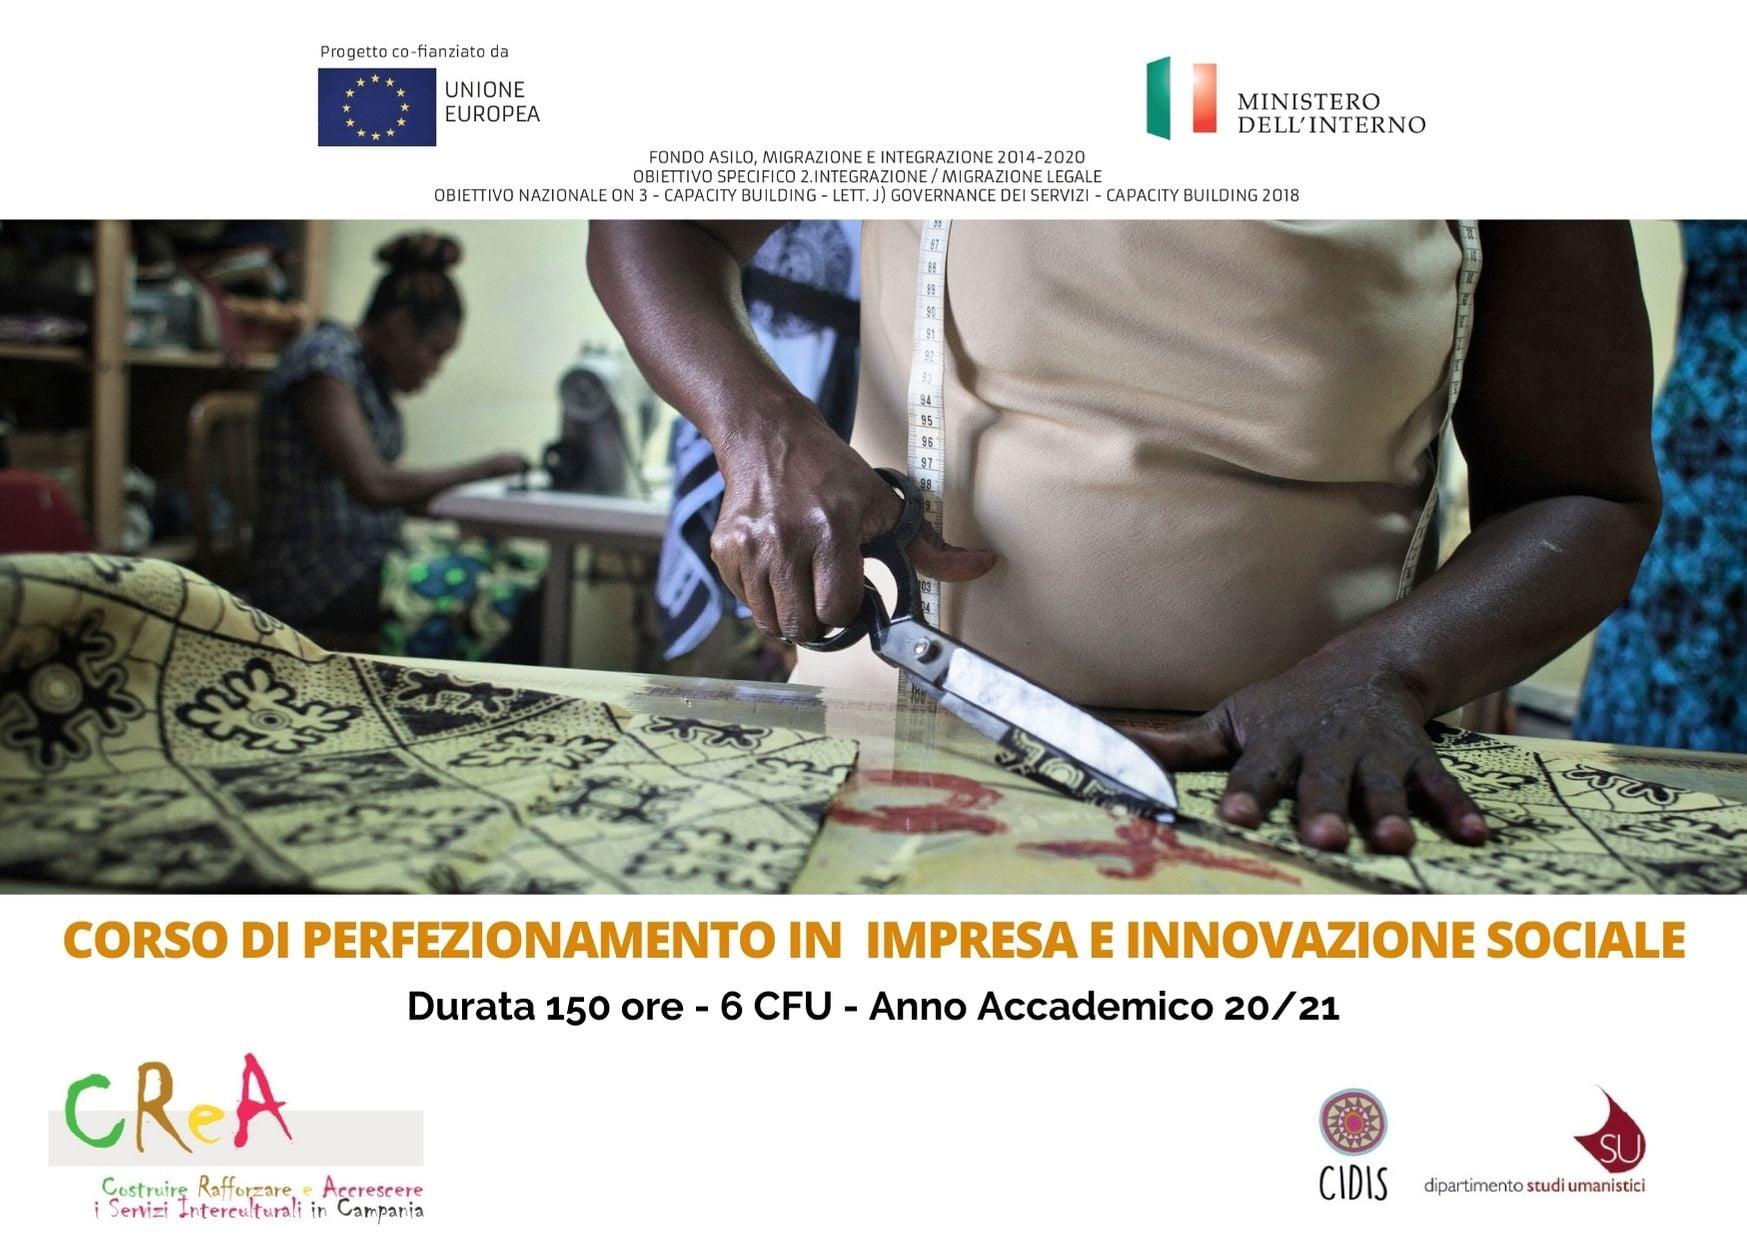 """Corso di formazione in """"Impresa e Innovazione Sociale"""" organizzato dall'Università Federico II e Cidis Onlus"""